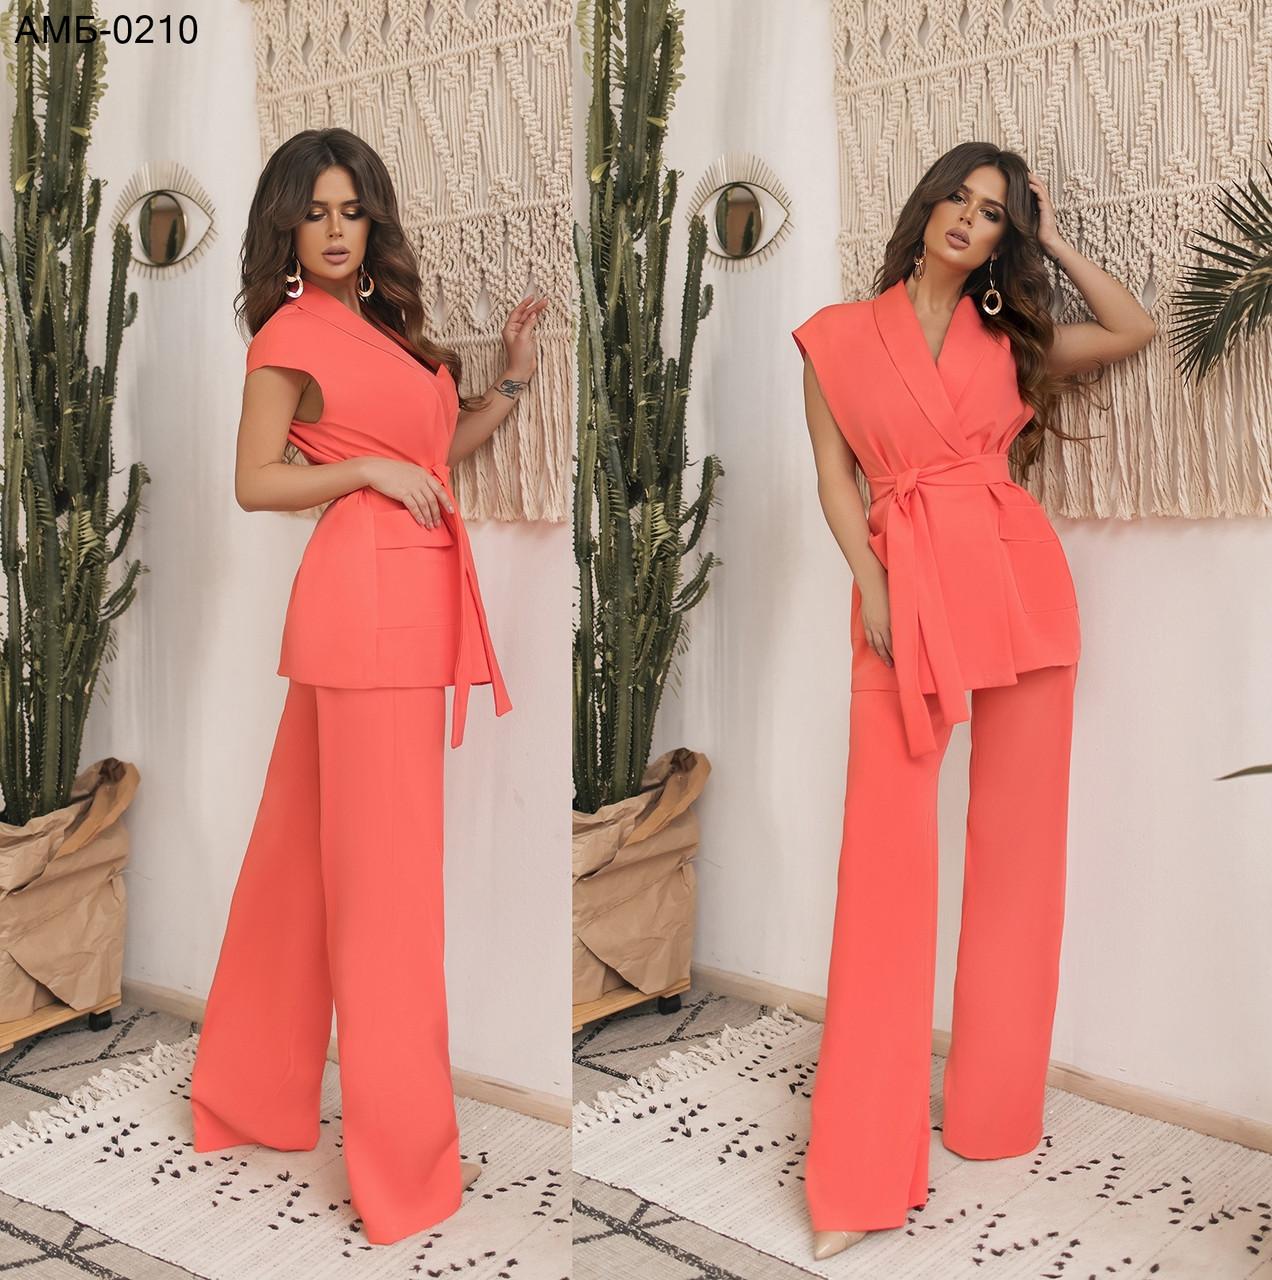 c57fce937c09 Стильный брючный женский костюм С, М +большие размеры В Расцветках -  Интернет-магазин